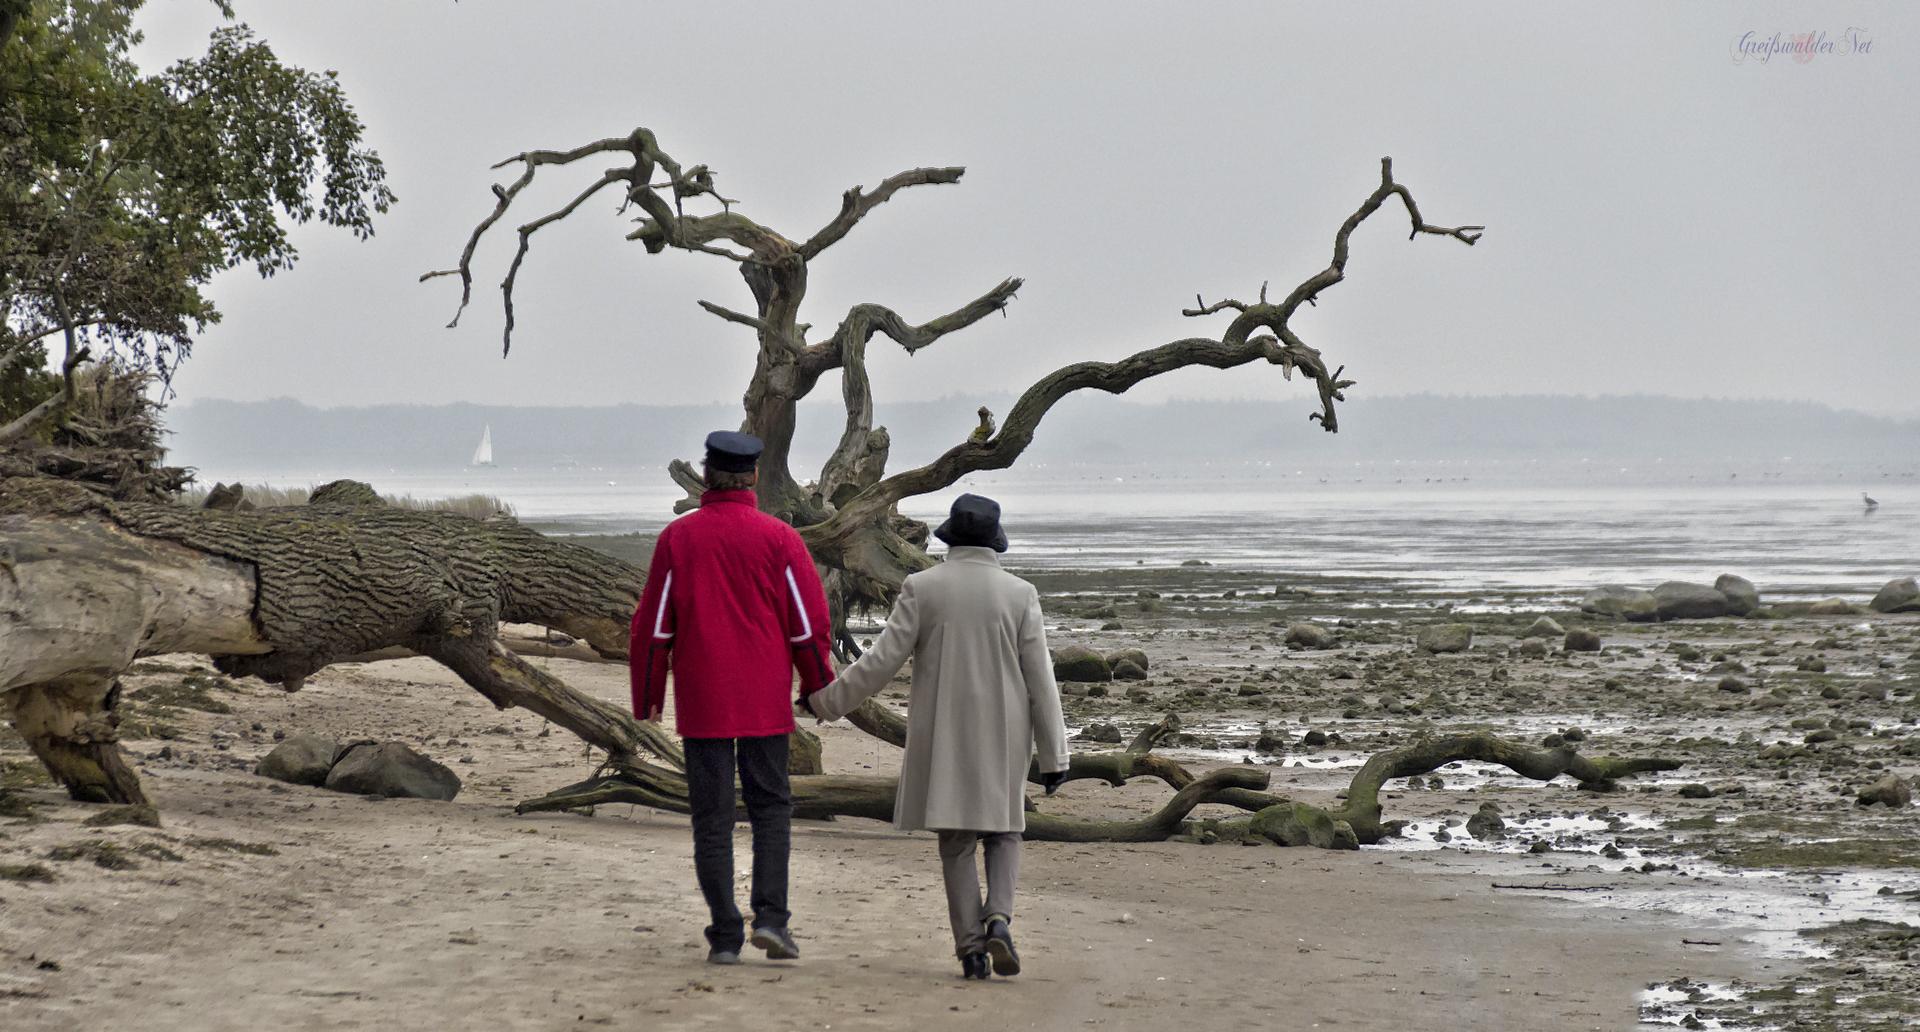 Strandspaziergang, Strand am Greifswalder Bodden – Schlafende Bäume bei Loissin